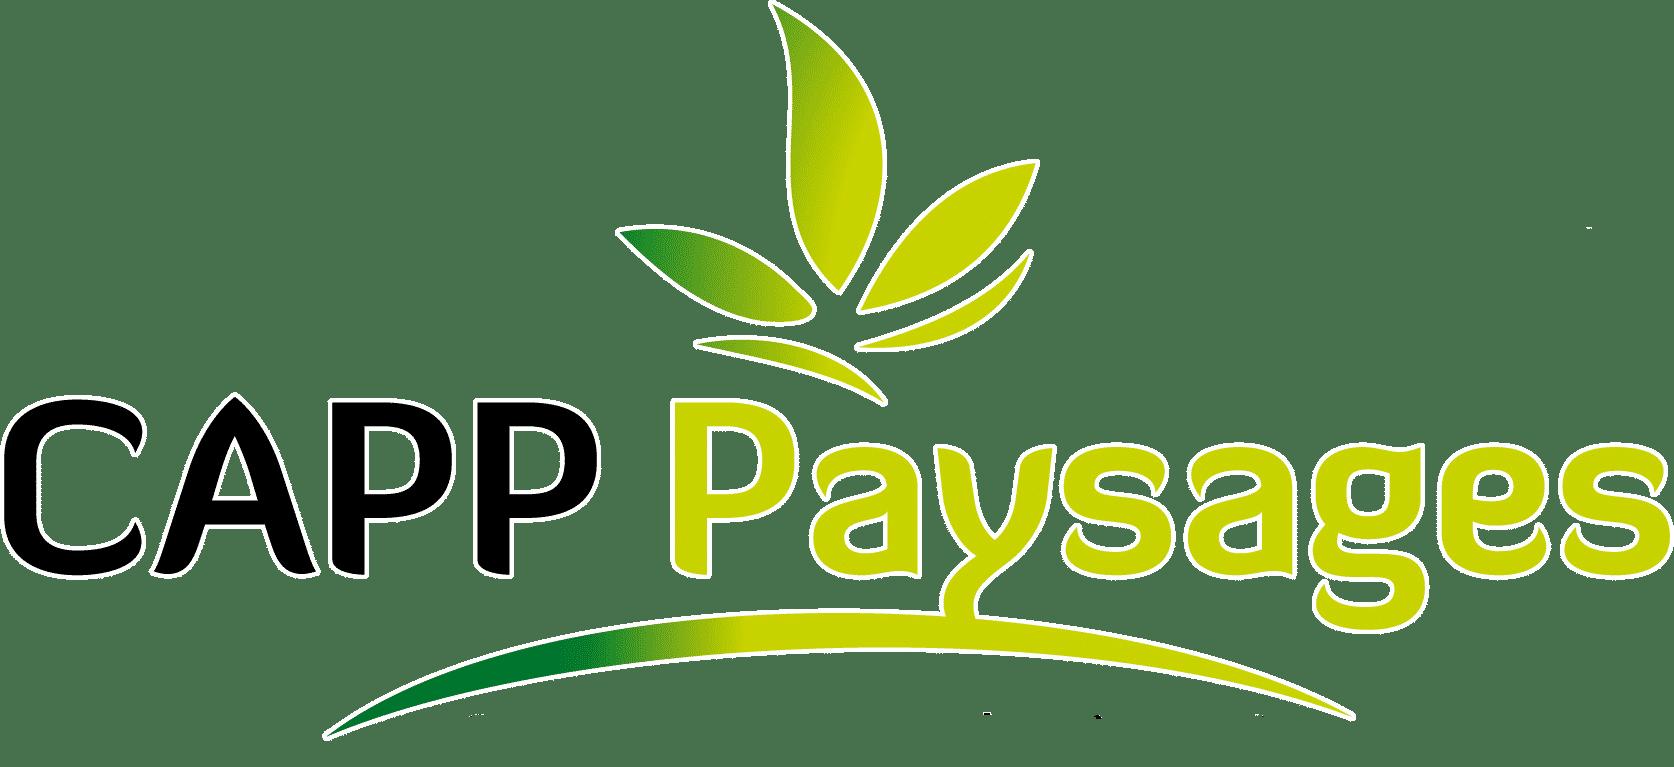 CAPP Paysages 2020 ok - Accueil